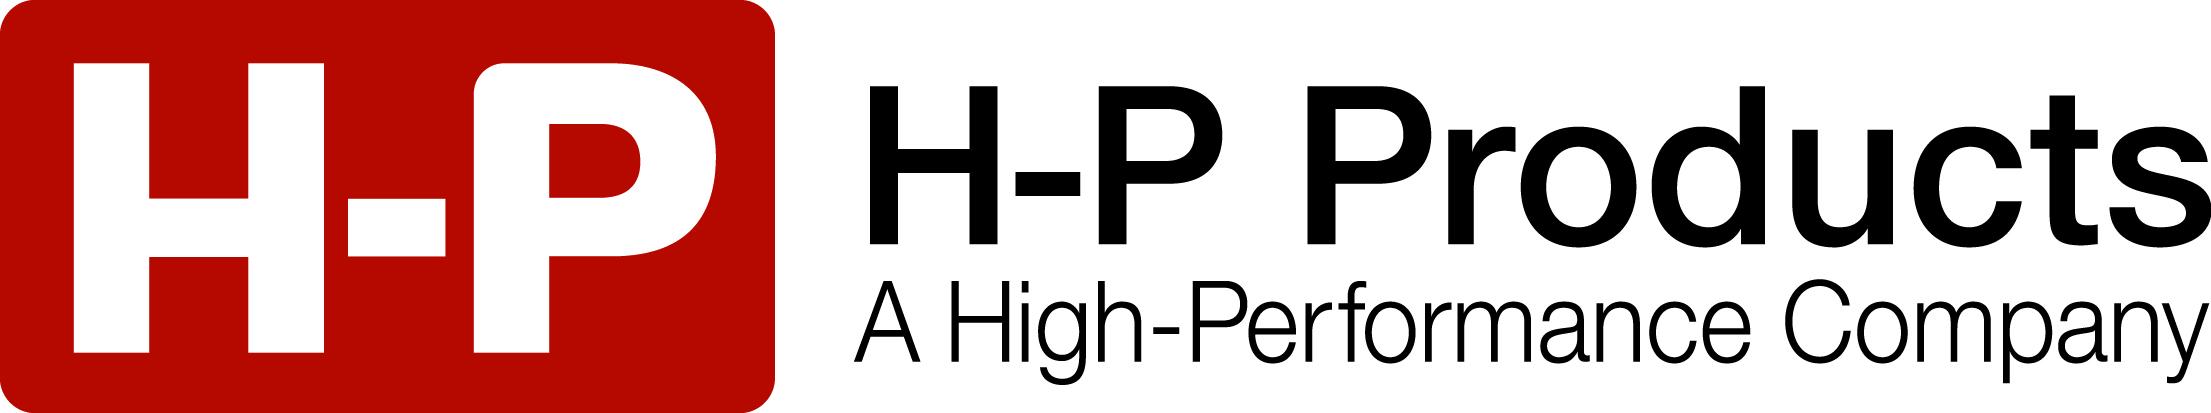 HP_hi_perf_horiz_4c